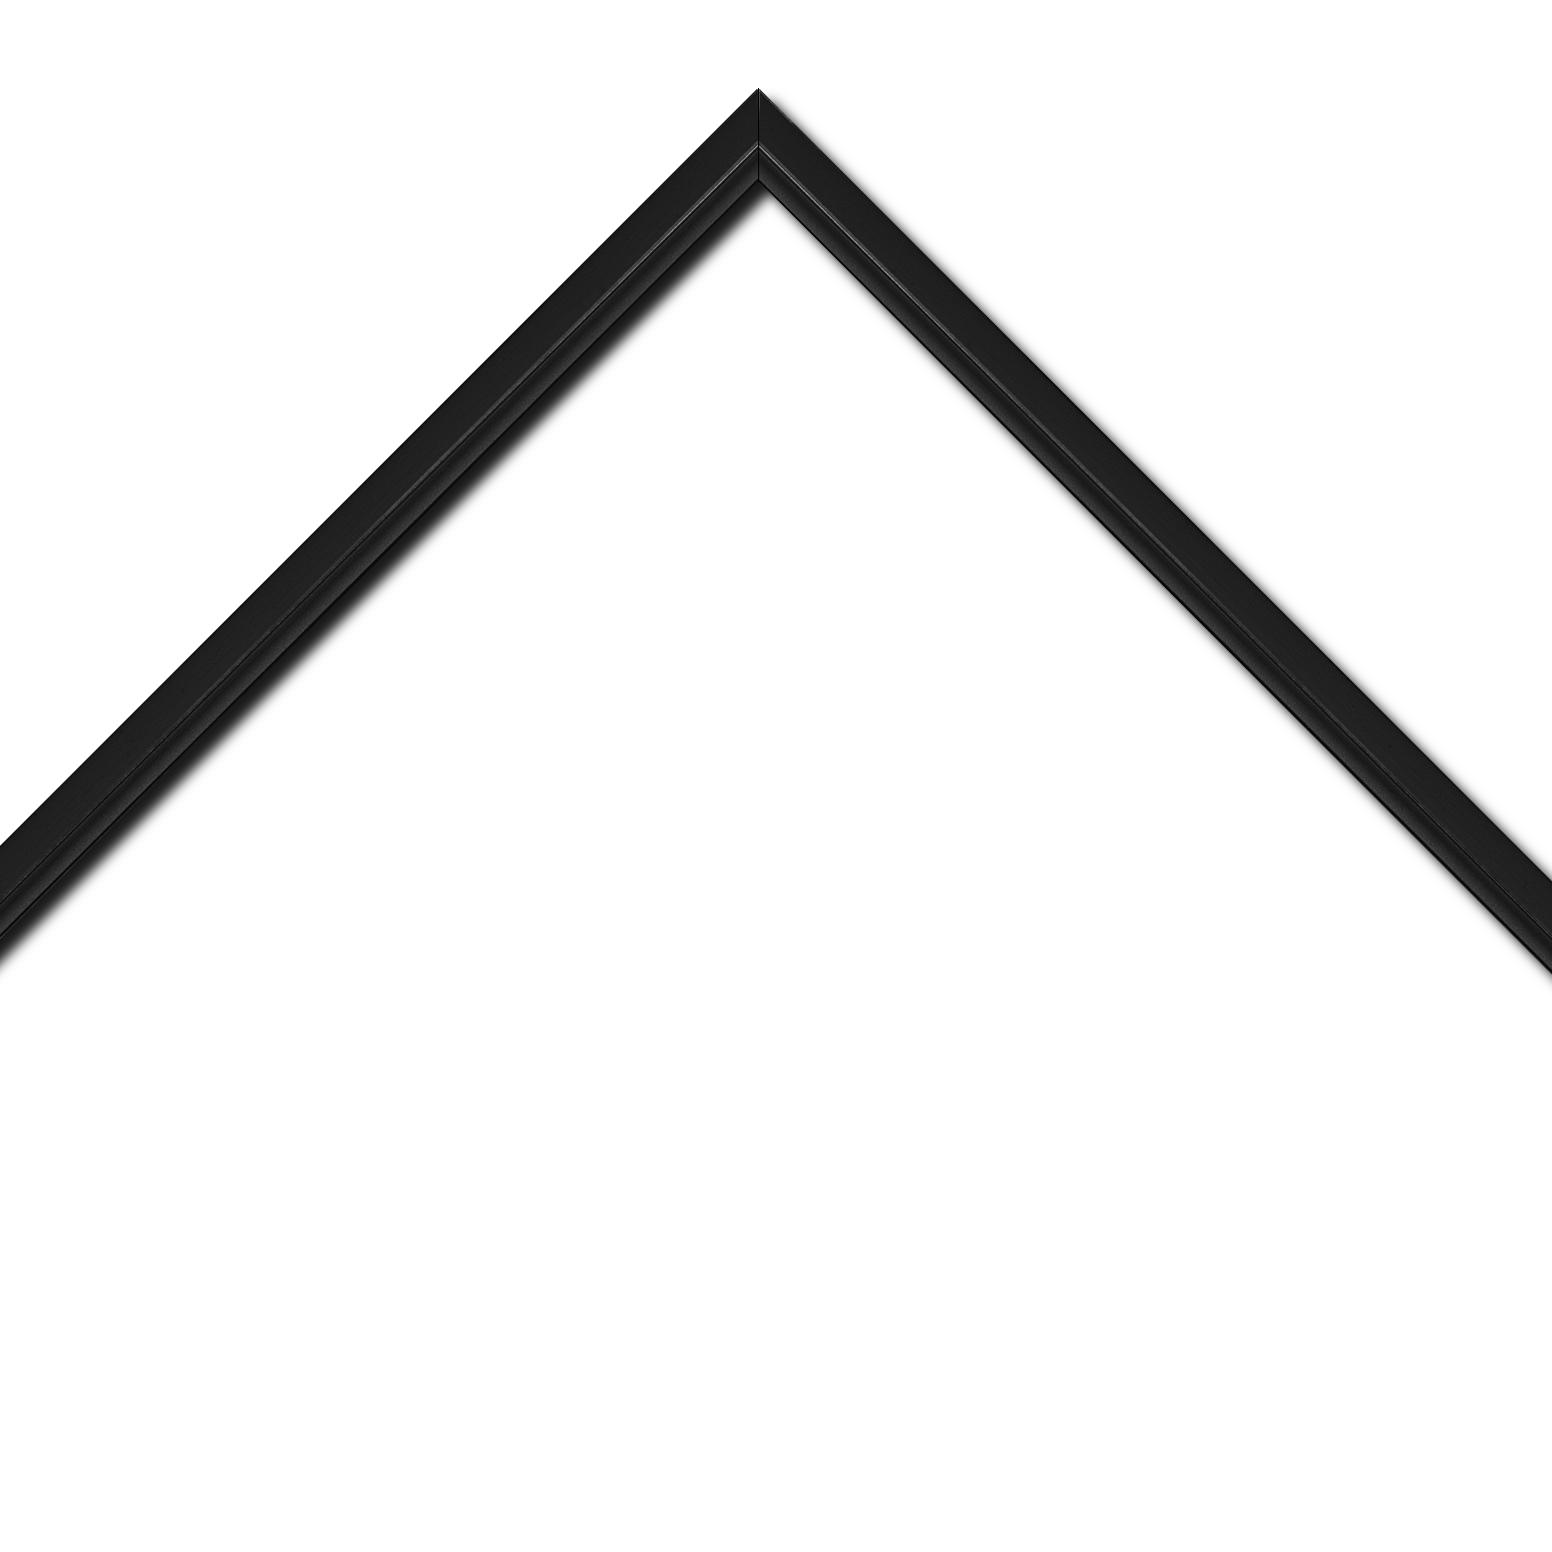 Baguette bois profil plat largeur 1.6cm couleur noir mat finition pore bouché filet noir en retrait de la face du cadre de 6mm assurant un effet très original